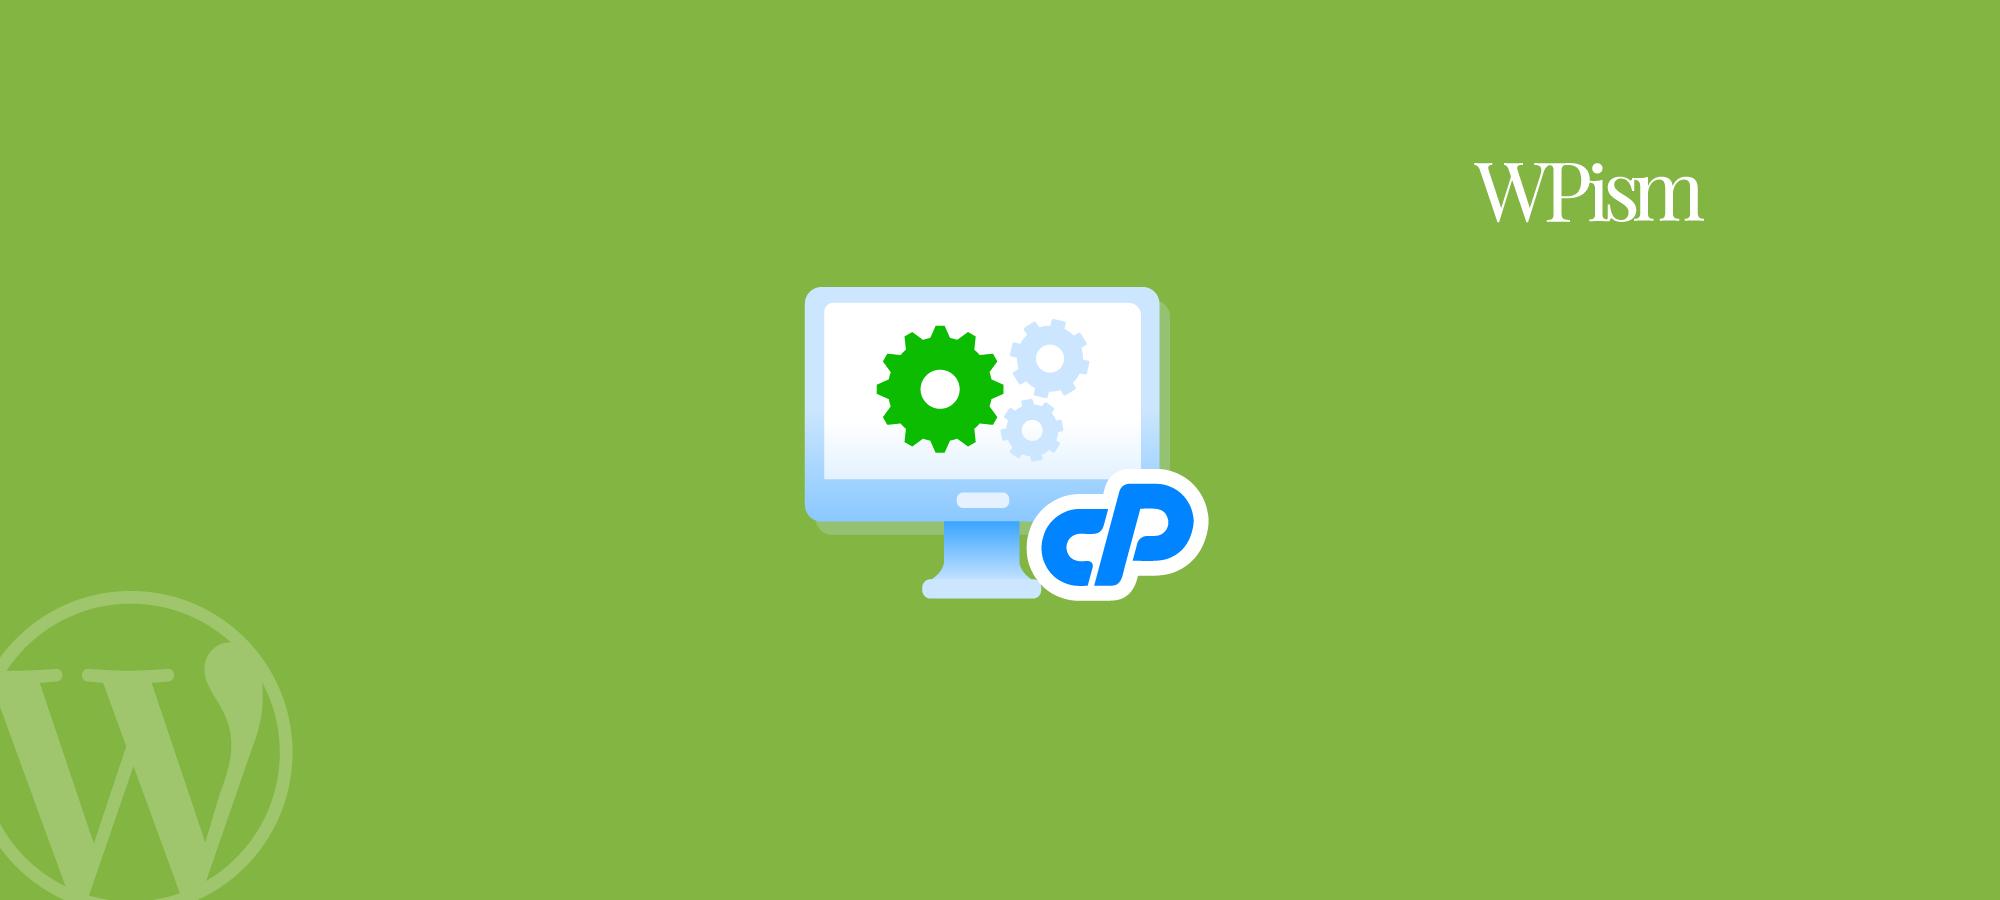 WordPress Migration Between cPanel Hosts